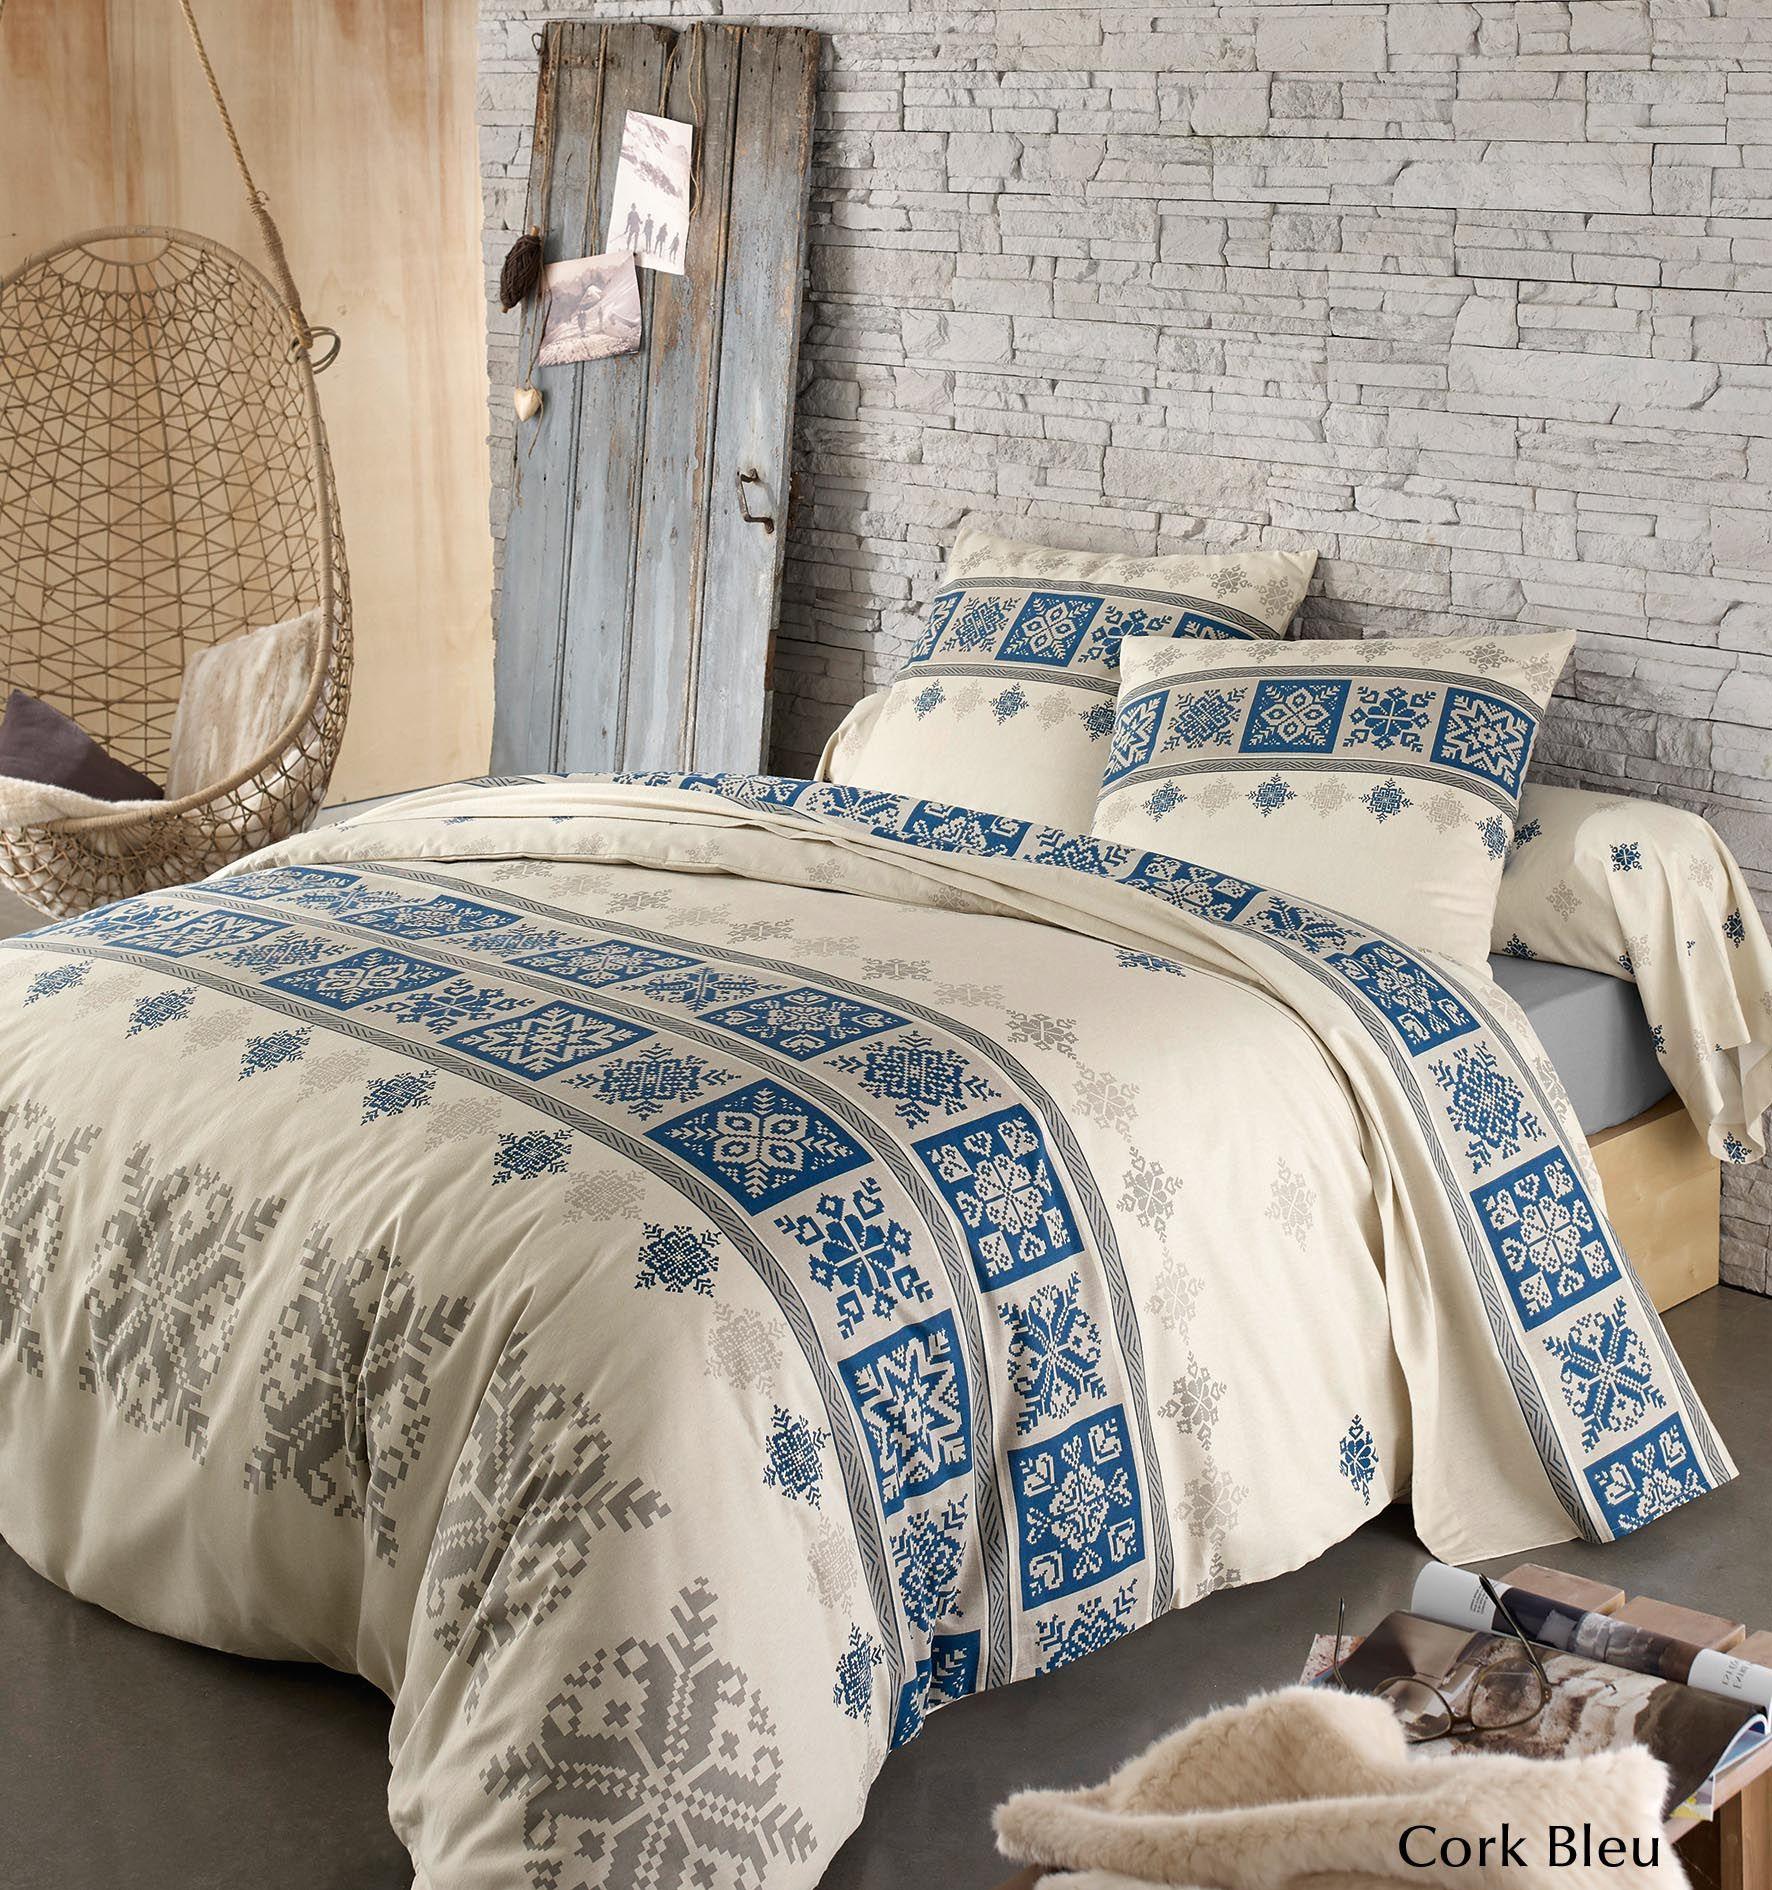 ambiance montagne avec le mod le cork bleu en flanelle. Black Bedroom Furniture Sets. Home Design Ideas